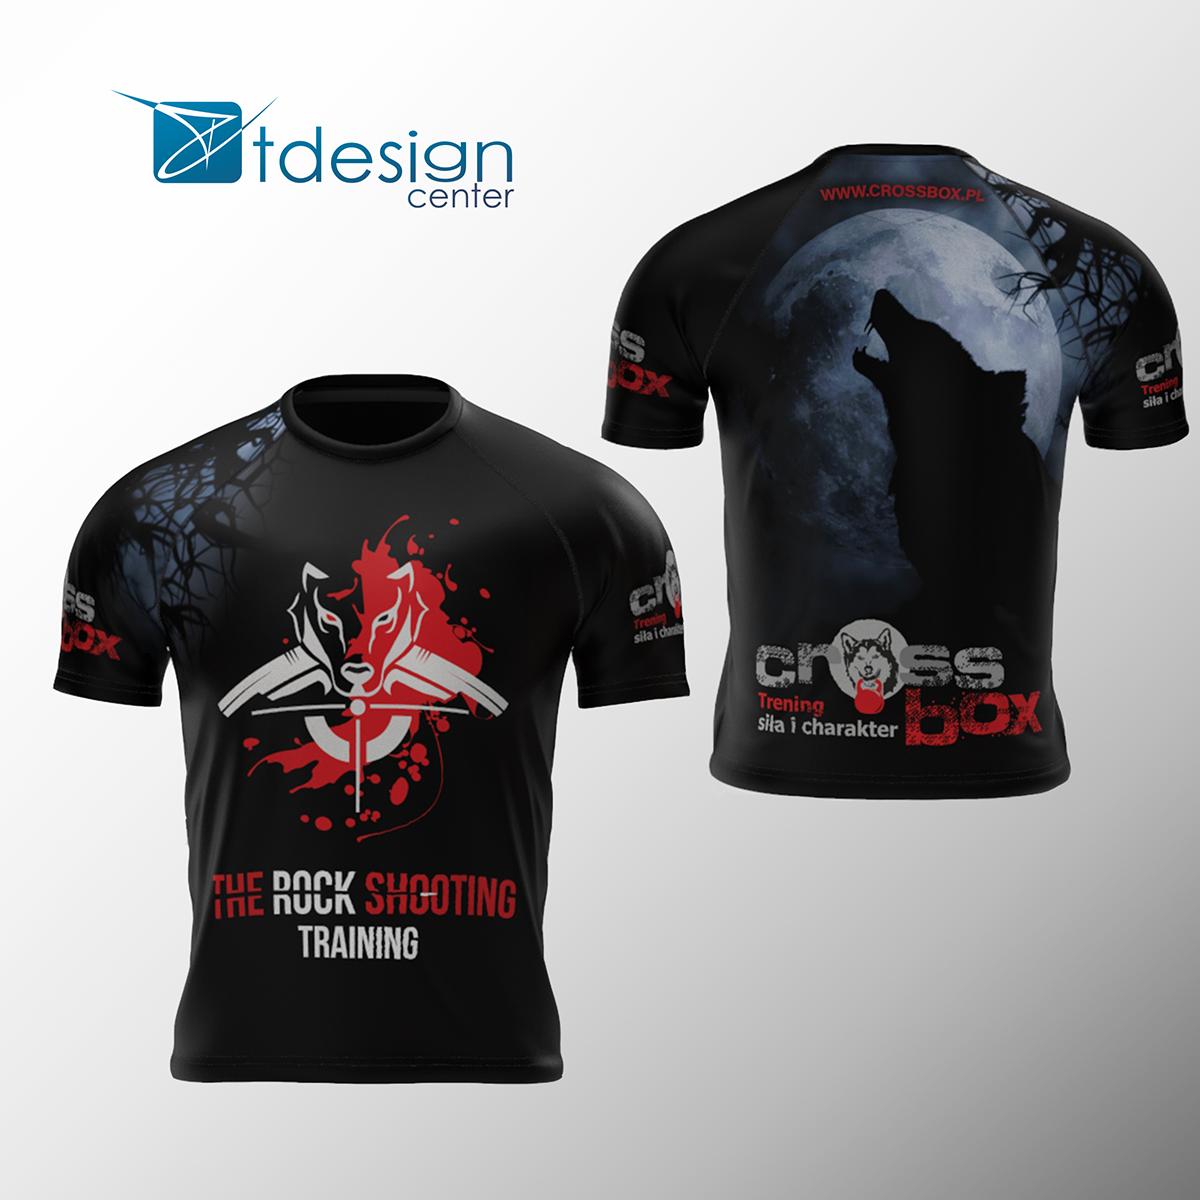 Tshirt treningowy męski, nadruk na 100% materiału - projekt + realizacja dla Cross Box GORLICE